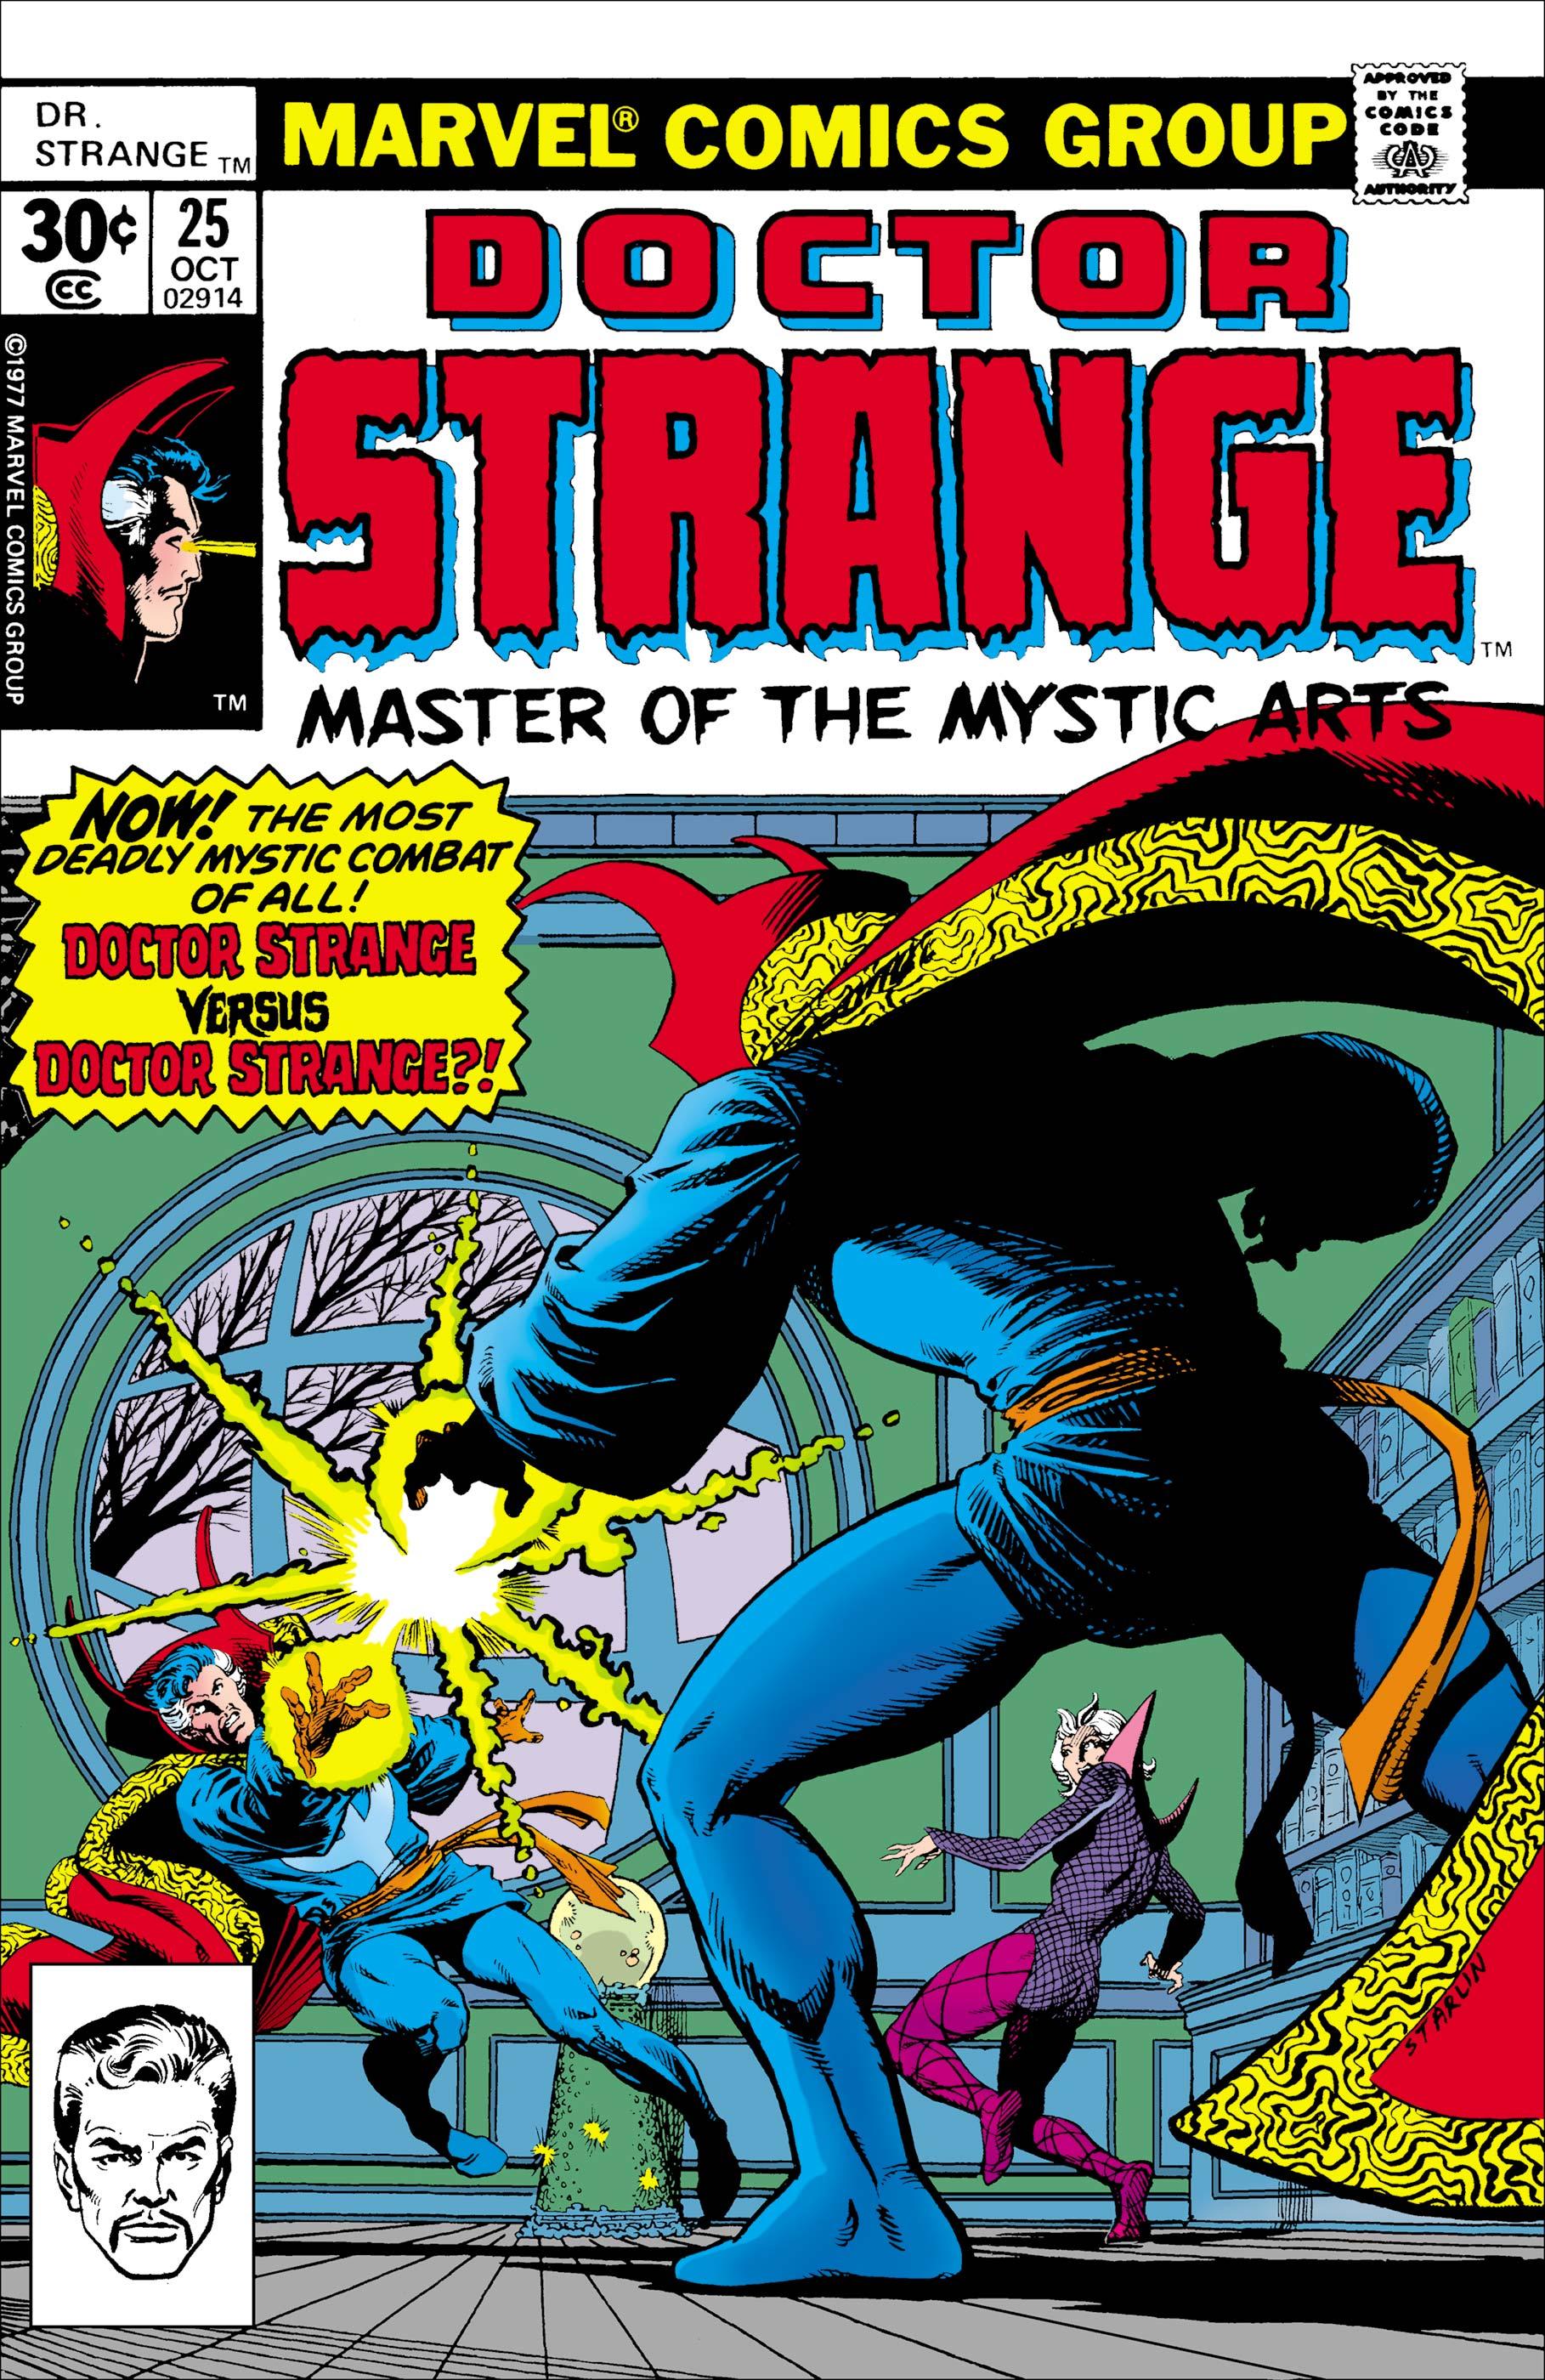 Doctor Strange (1974) #25